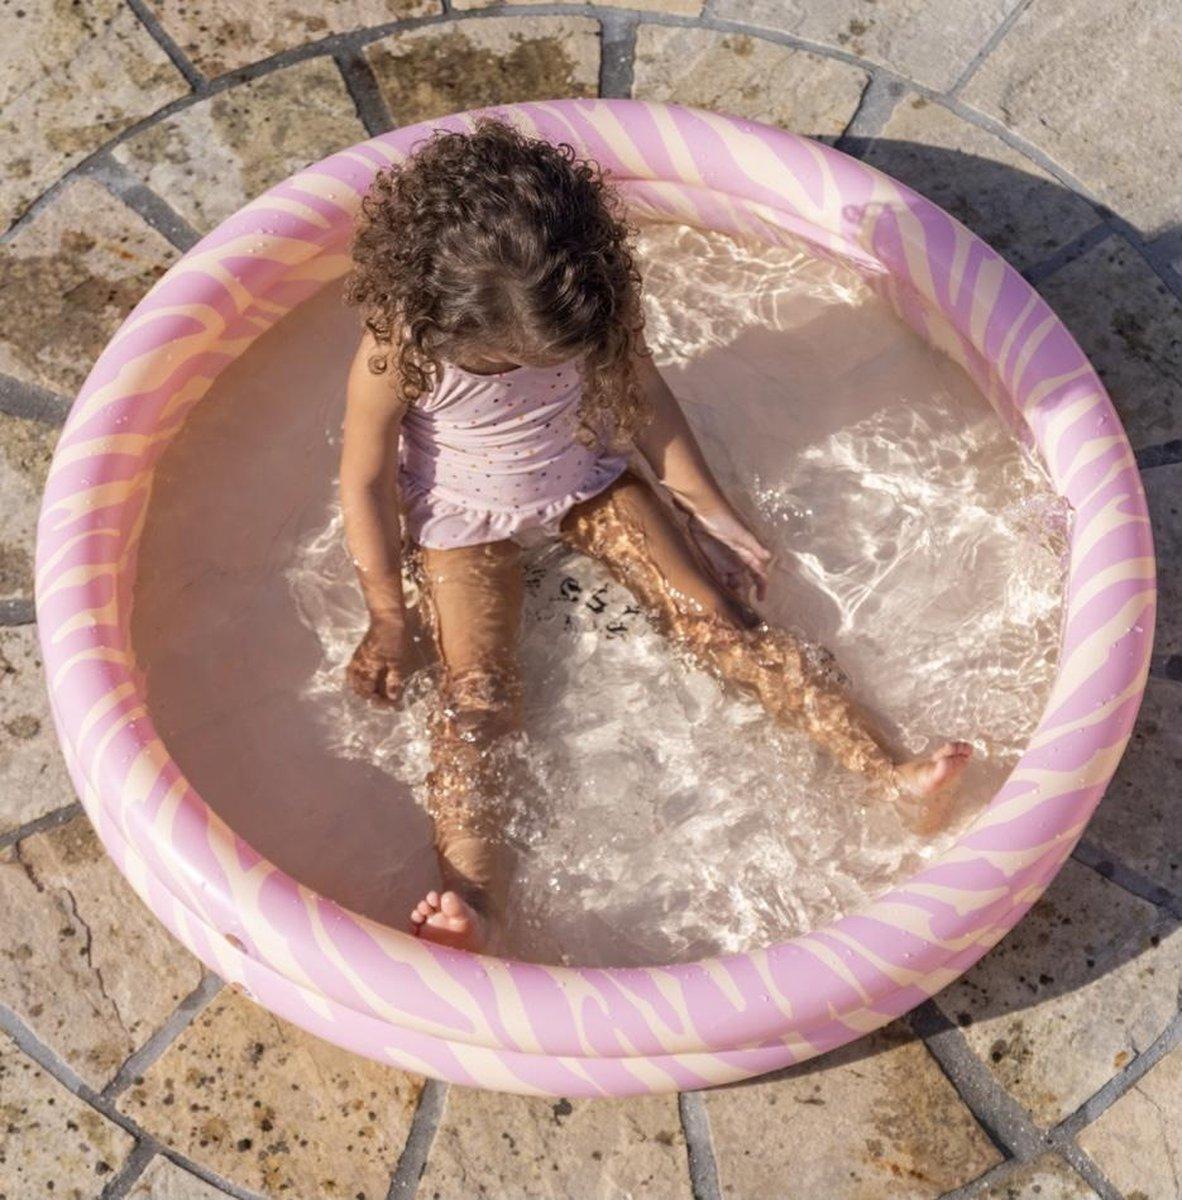 Swim Essentials kinderzwembad zebra (roze/geelgoud) - collectie 2021 - new collection - 100 cm - zwembad - babyzwembad - peuterbadje - zwembadje - zwemmen - zomer - strand - vakantie - baby - dreumes - peuter - kleuter - zebraprint